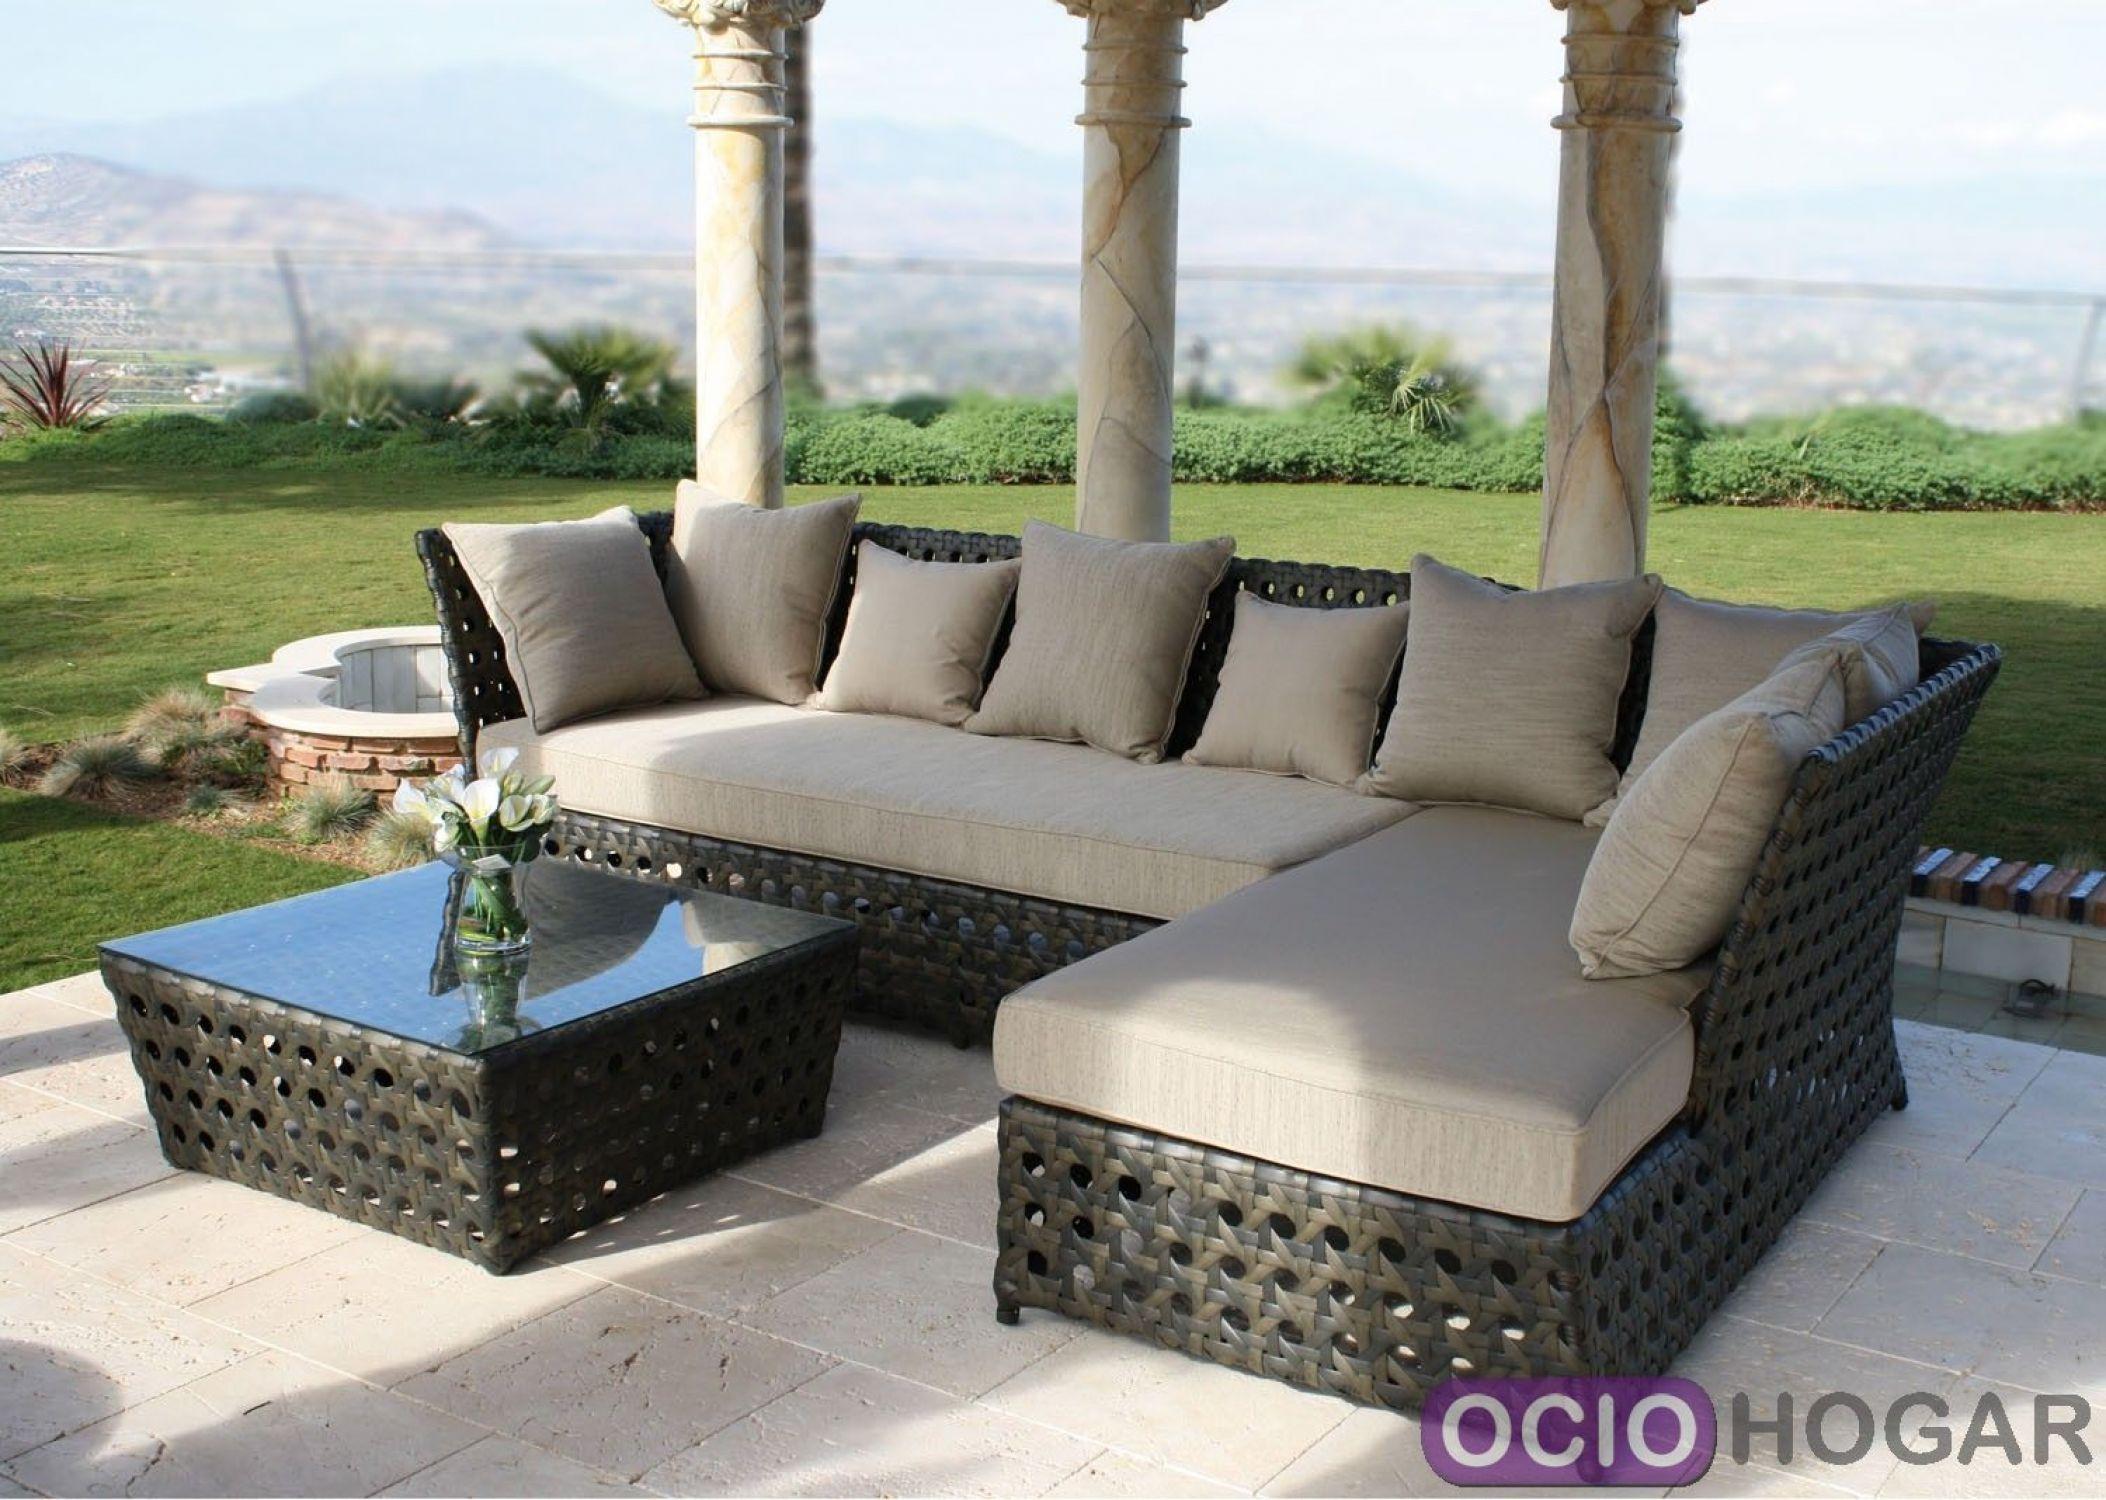 Muebles de exterior blog ociohogar for Muebles de jardin para exterior